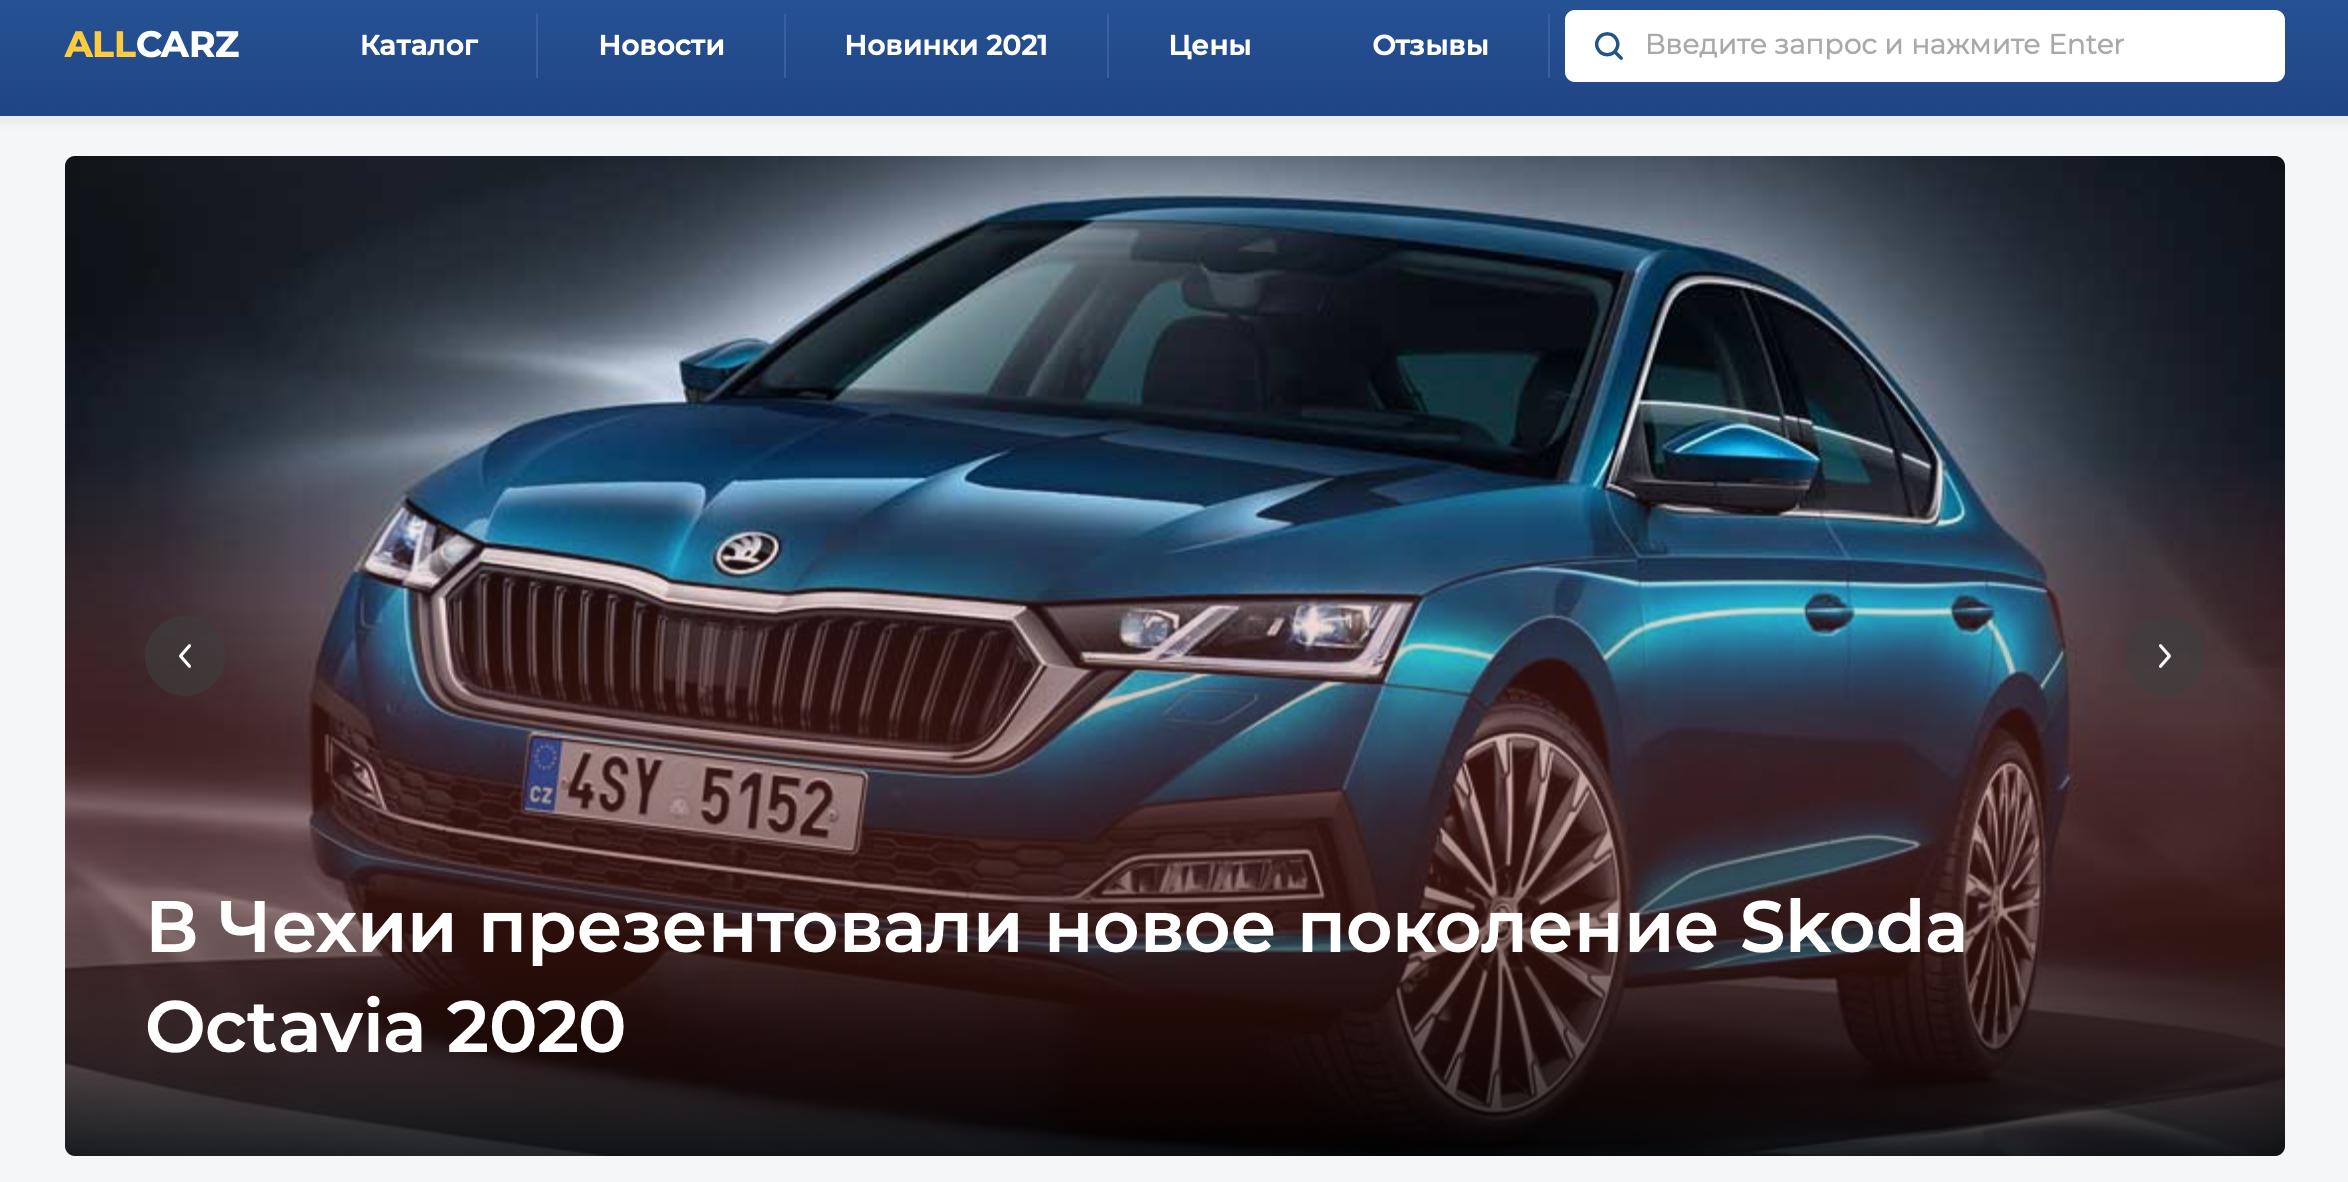 Какие новинки ждут российский авторынок в 2021 году